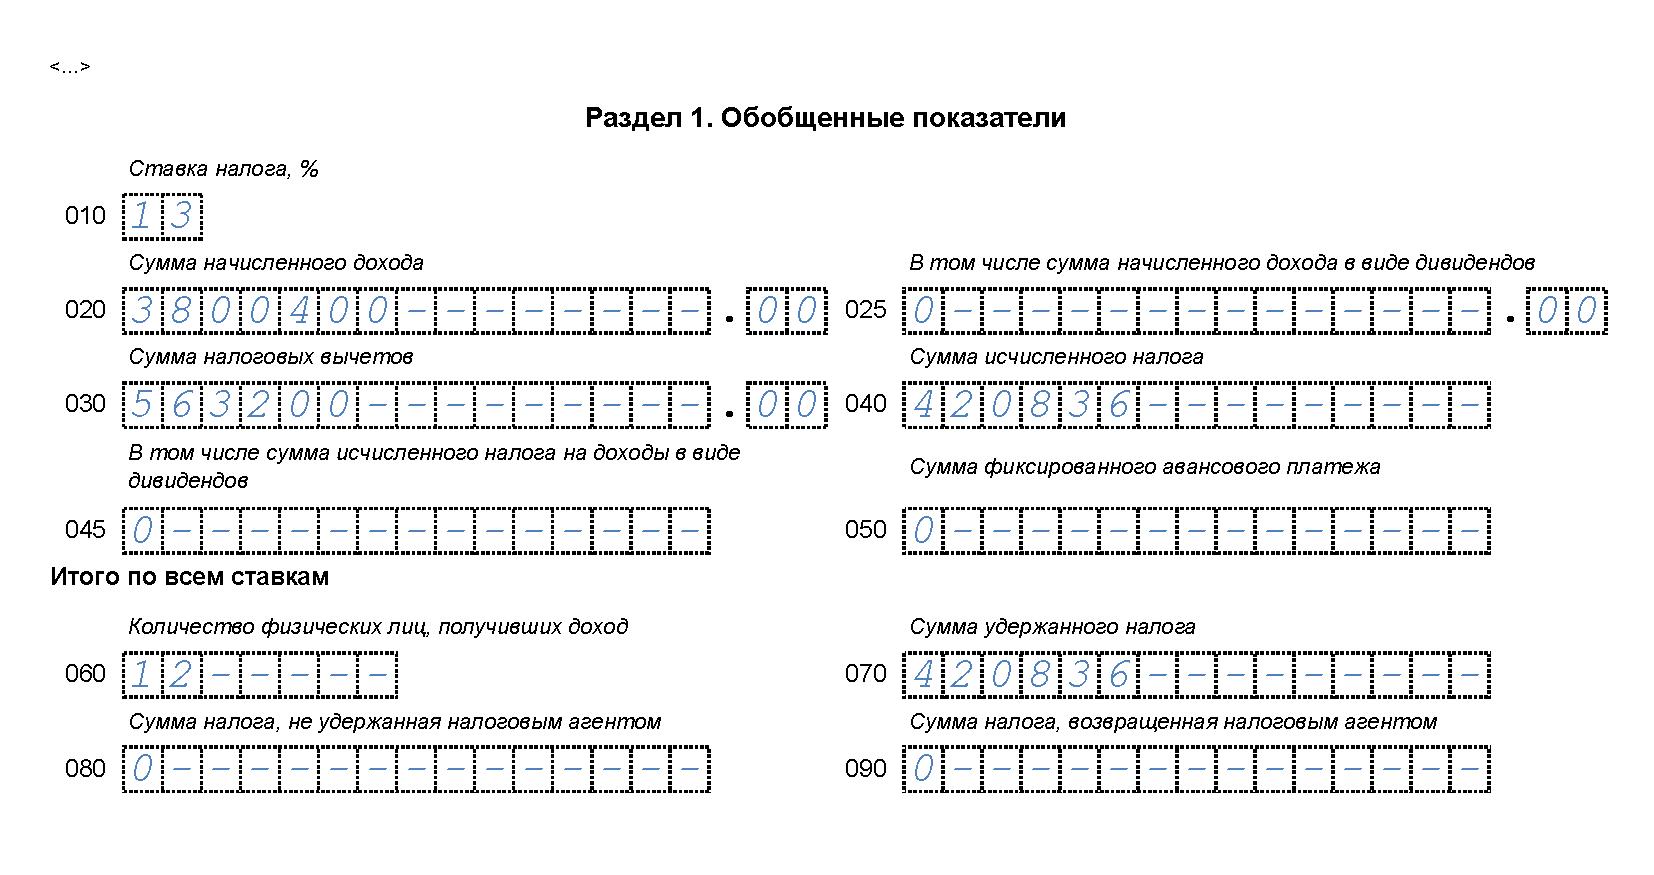 primer-zapolneniya-6-ndfl-za-3-kvartal-s-otpusknymi-1